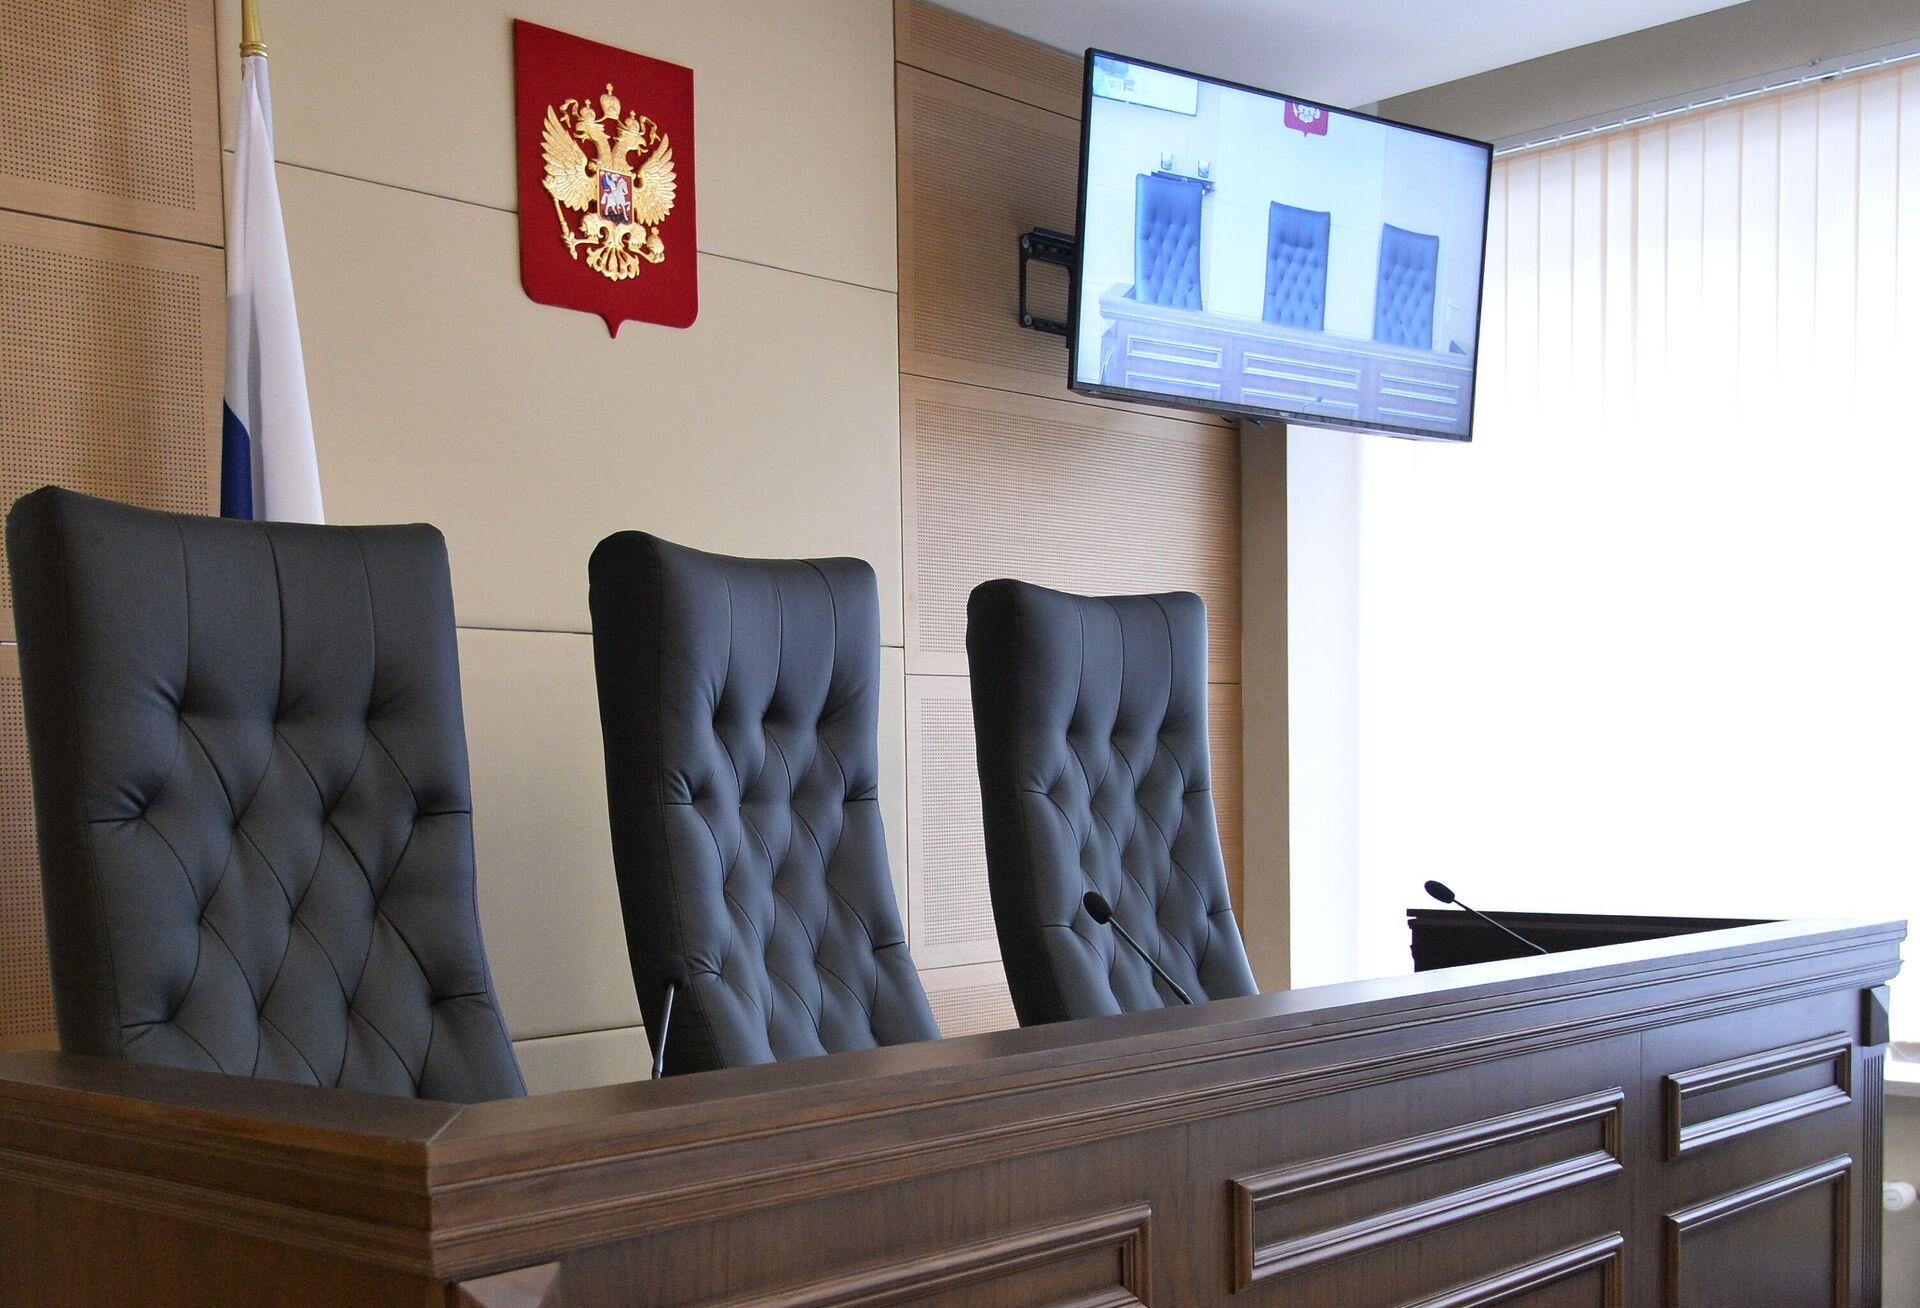 Кресла для судей в зале заседаний - РИА Новости, 1920, 08.10.2021